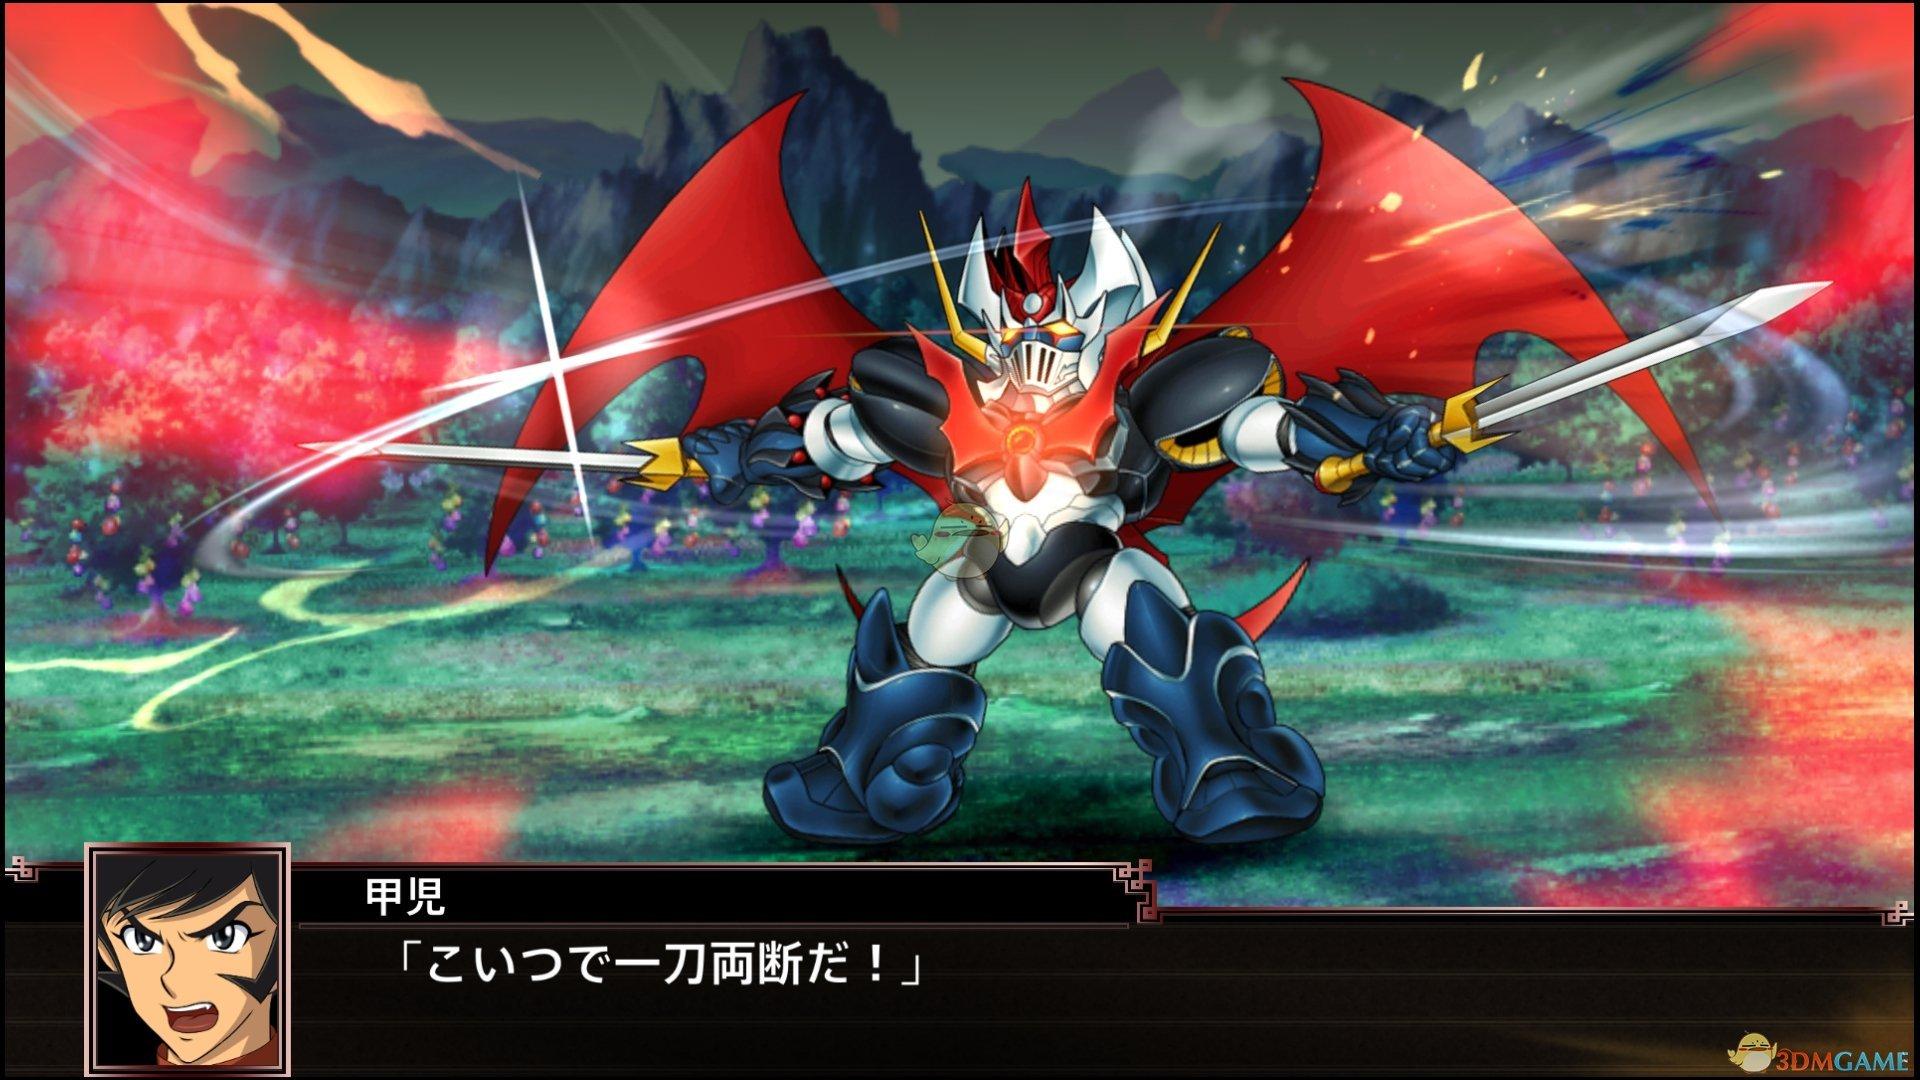 《超级机器人大战X》隐藏角色一览 隐藏可收集角色介绍